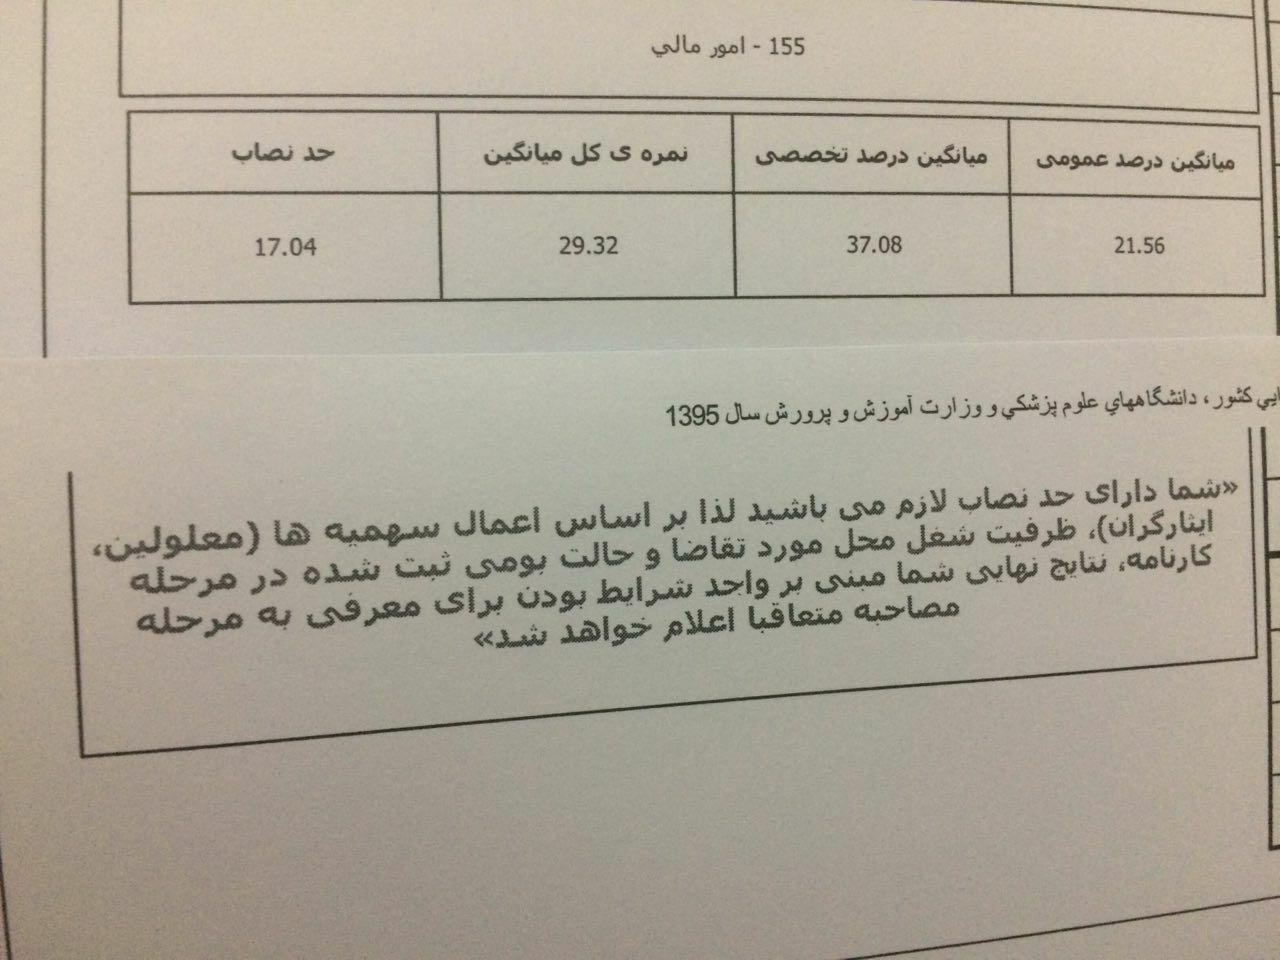 https://iranestekhdam.ir/wp-content/uploads/2017/01/a2.jpg